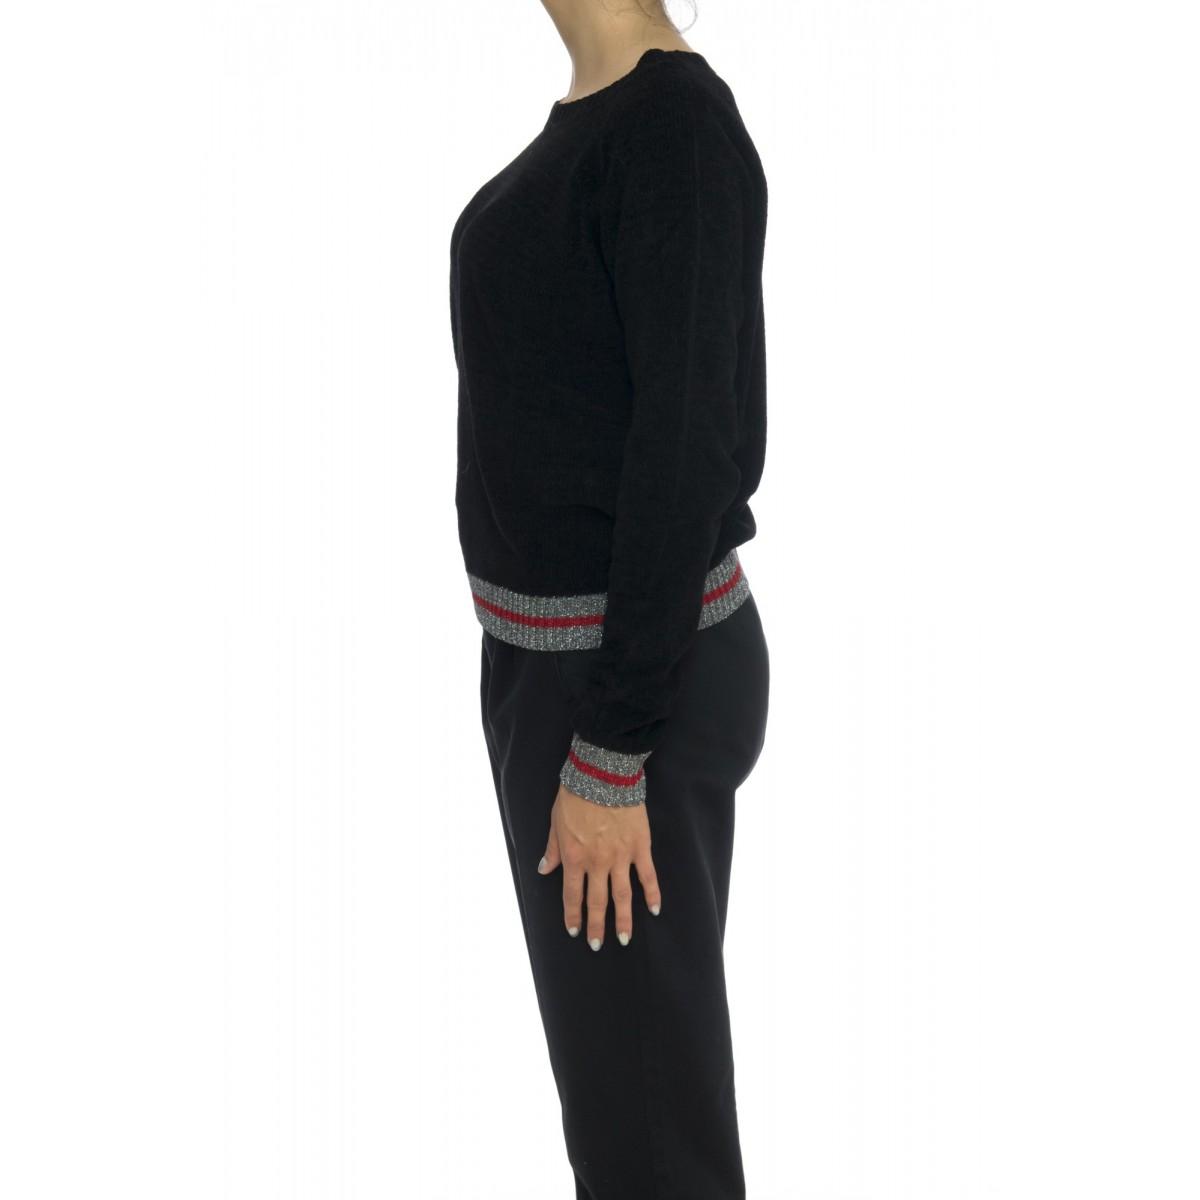 Maglieria - Asti maglia ciniglia bordo lurex